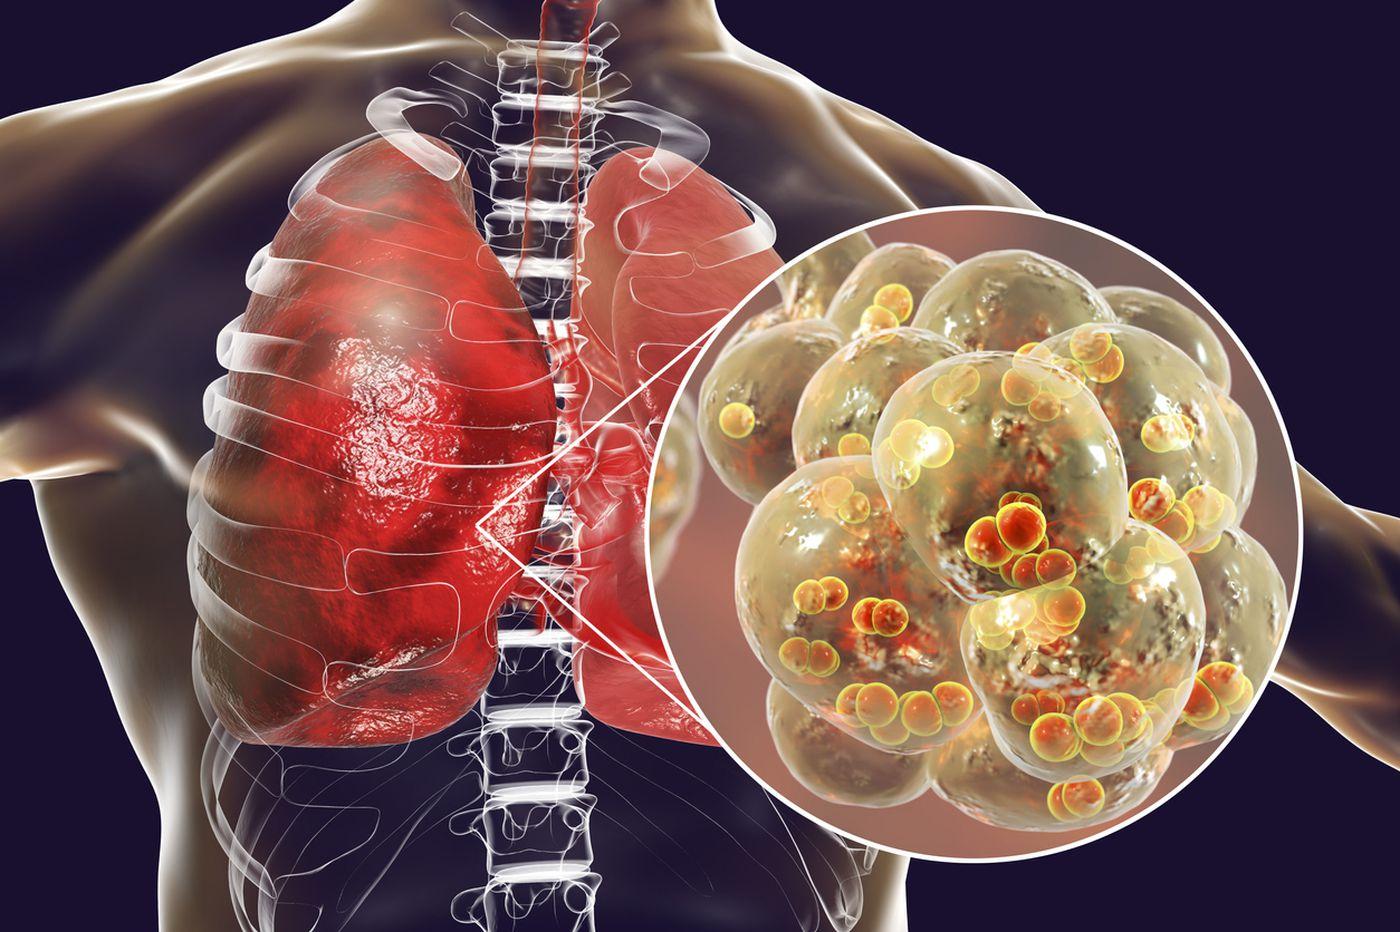 penyakit-yang-di-alami-masyarakat-di-daerah-cina-pneumonia-wuhan